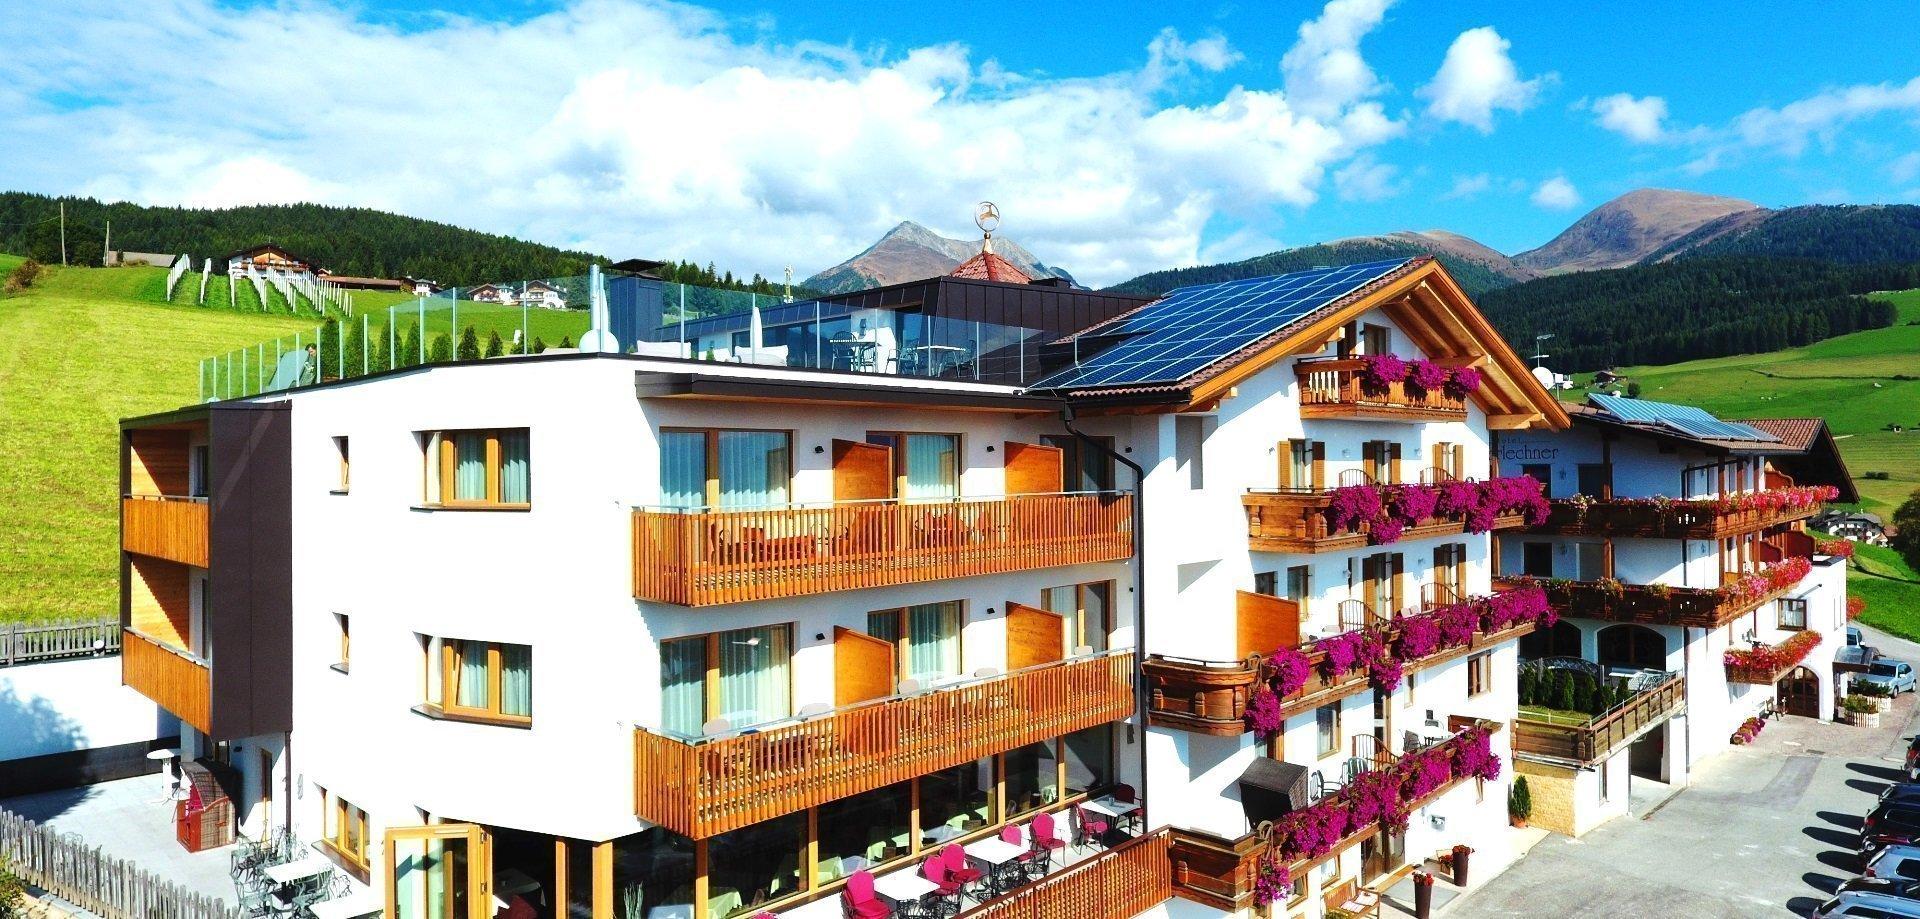 Traum Hotel in Meransen